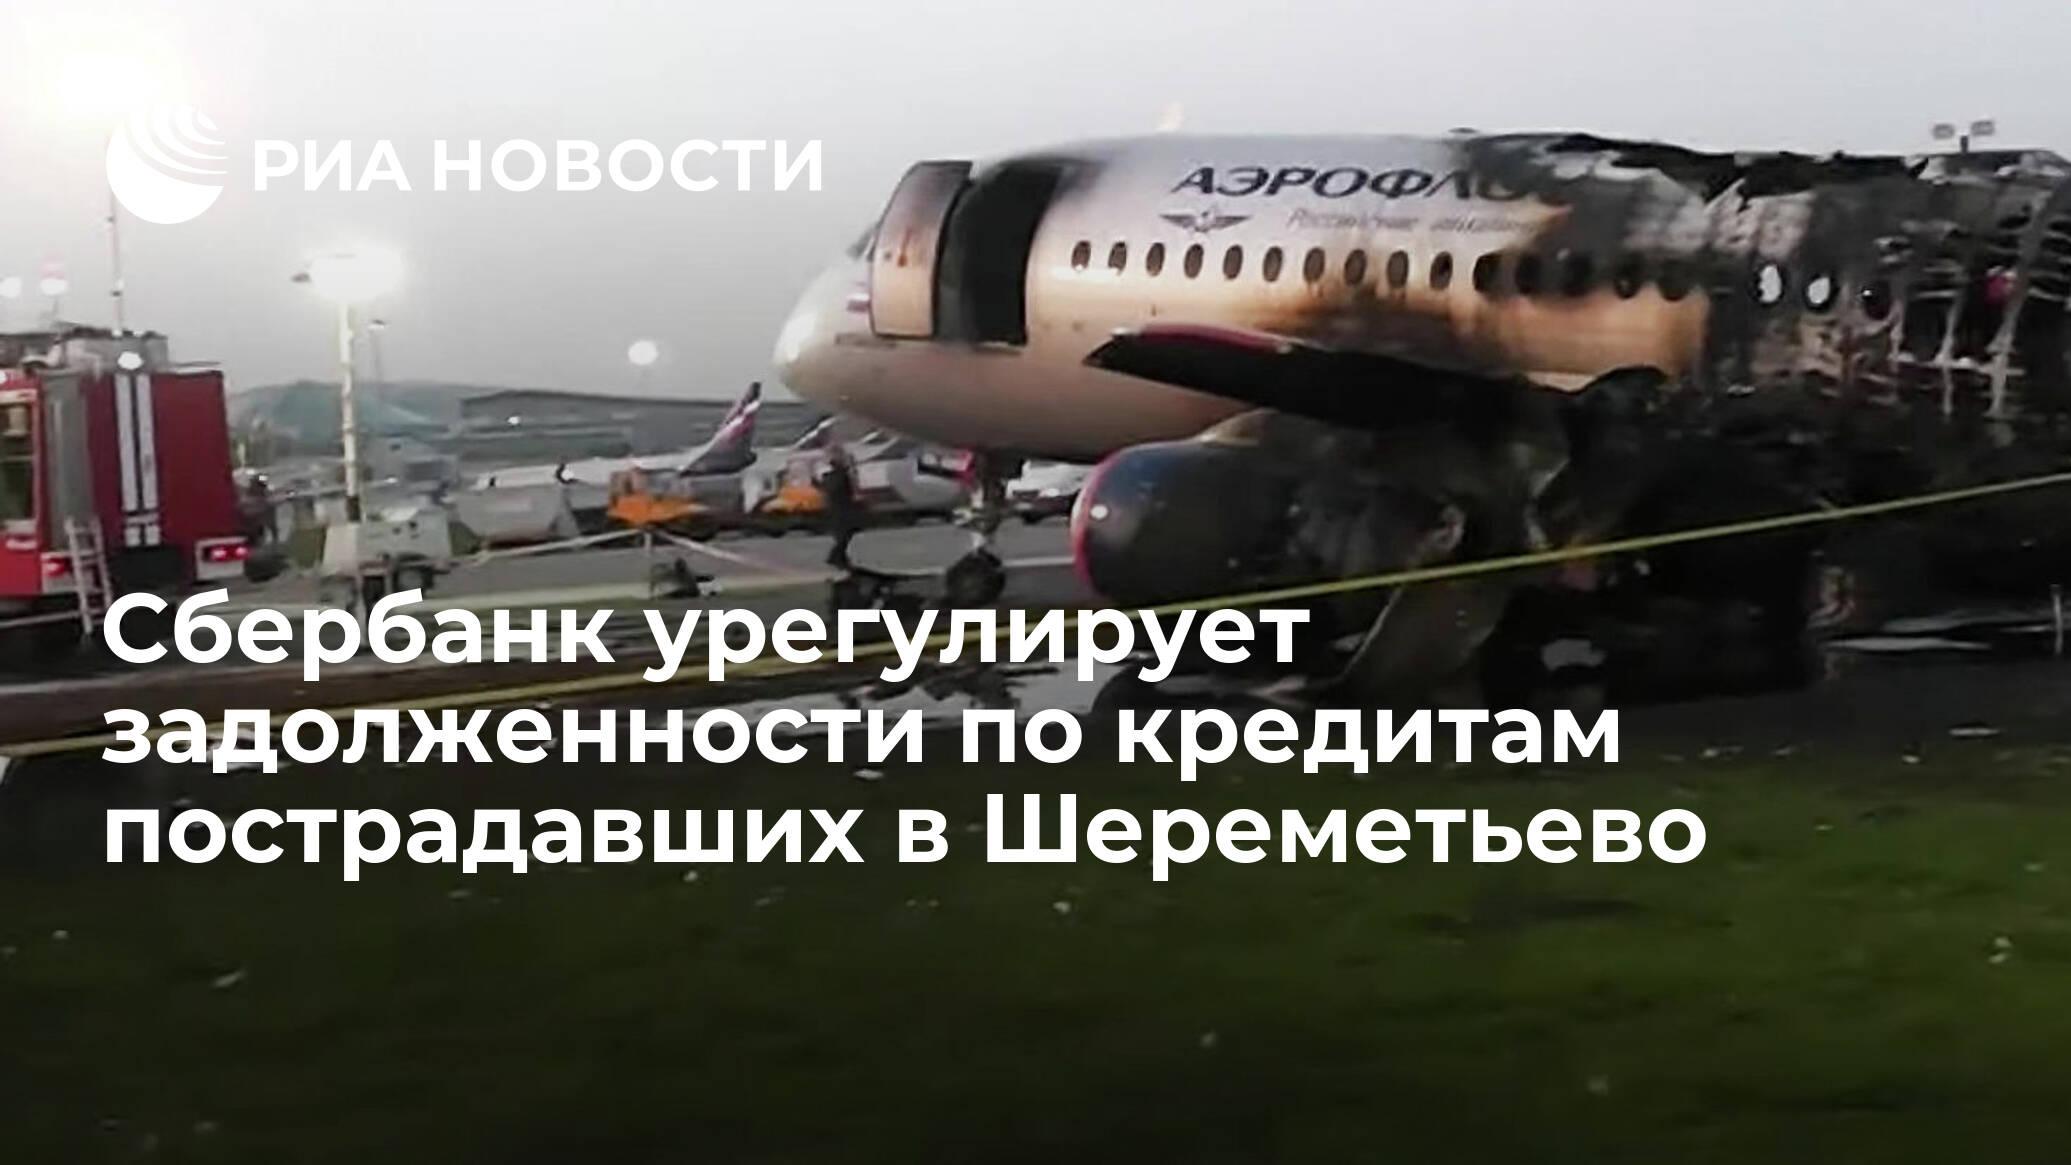 Службой безопасности кредит в москве